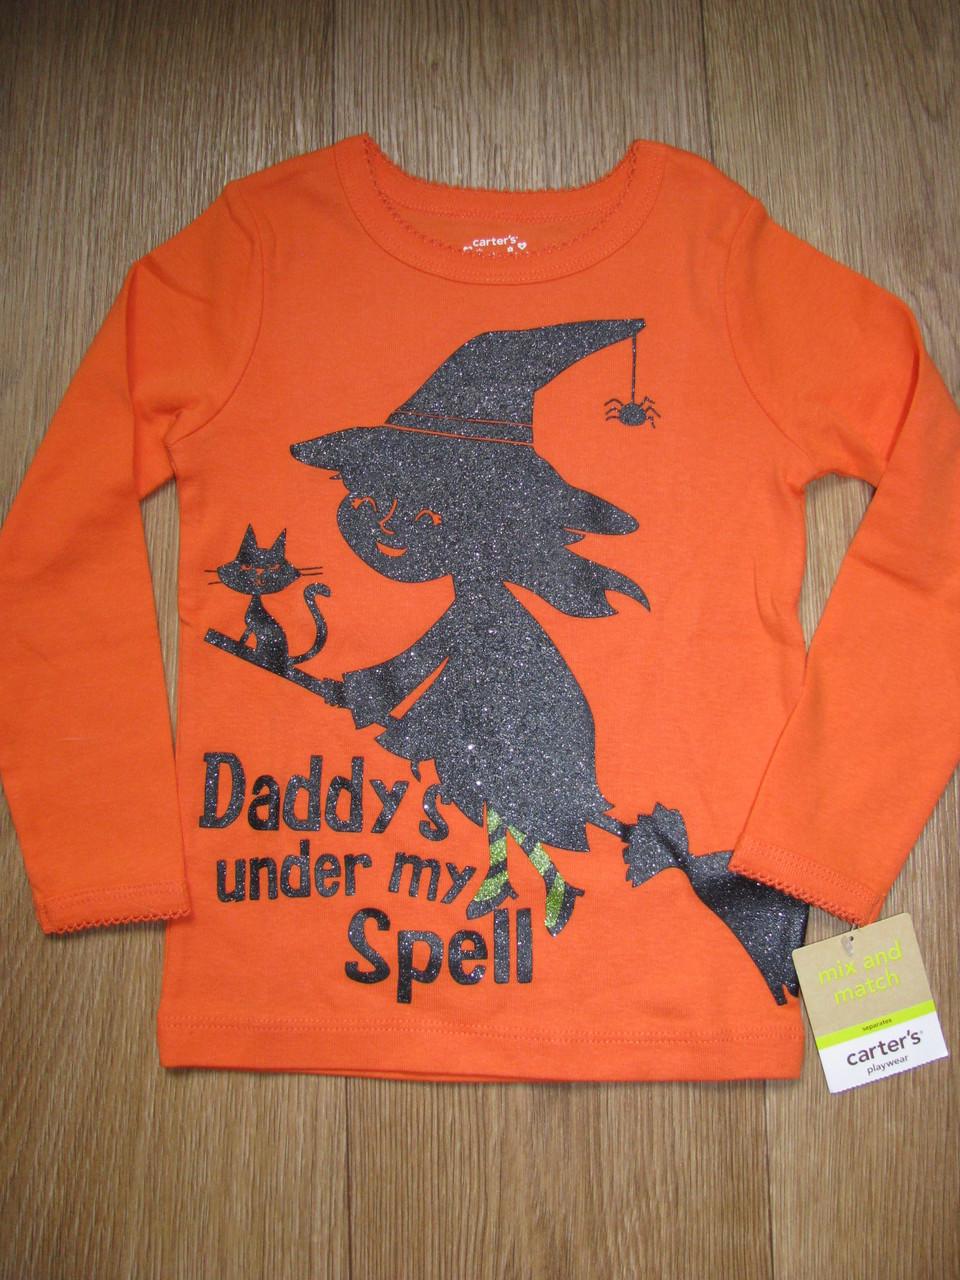 Оранжевый реглан с перламутровой ведьмочкой Daddy's under my Spell (Размер 2Т) Carter's (США)